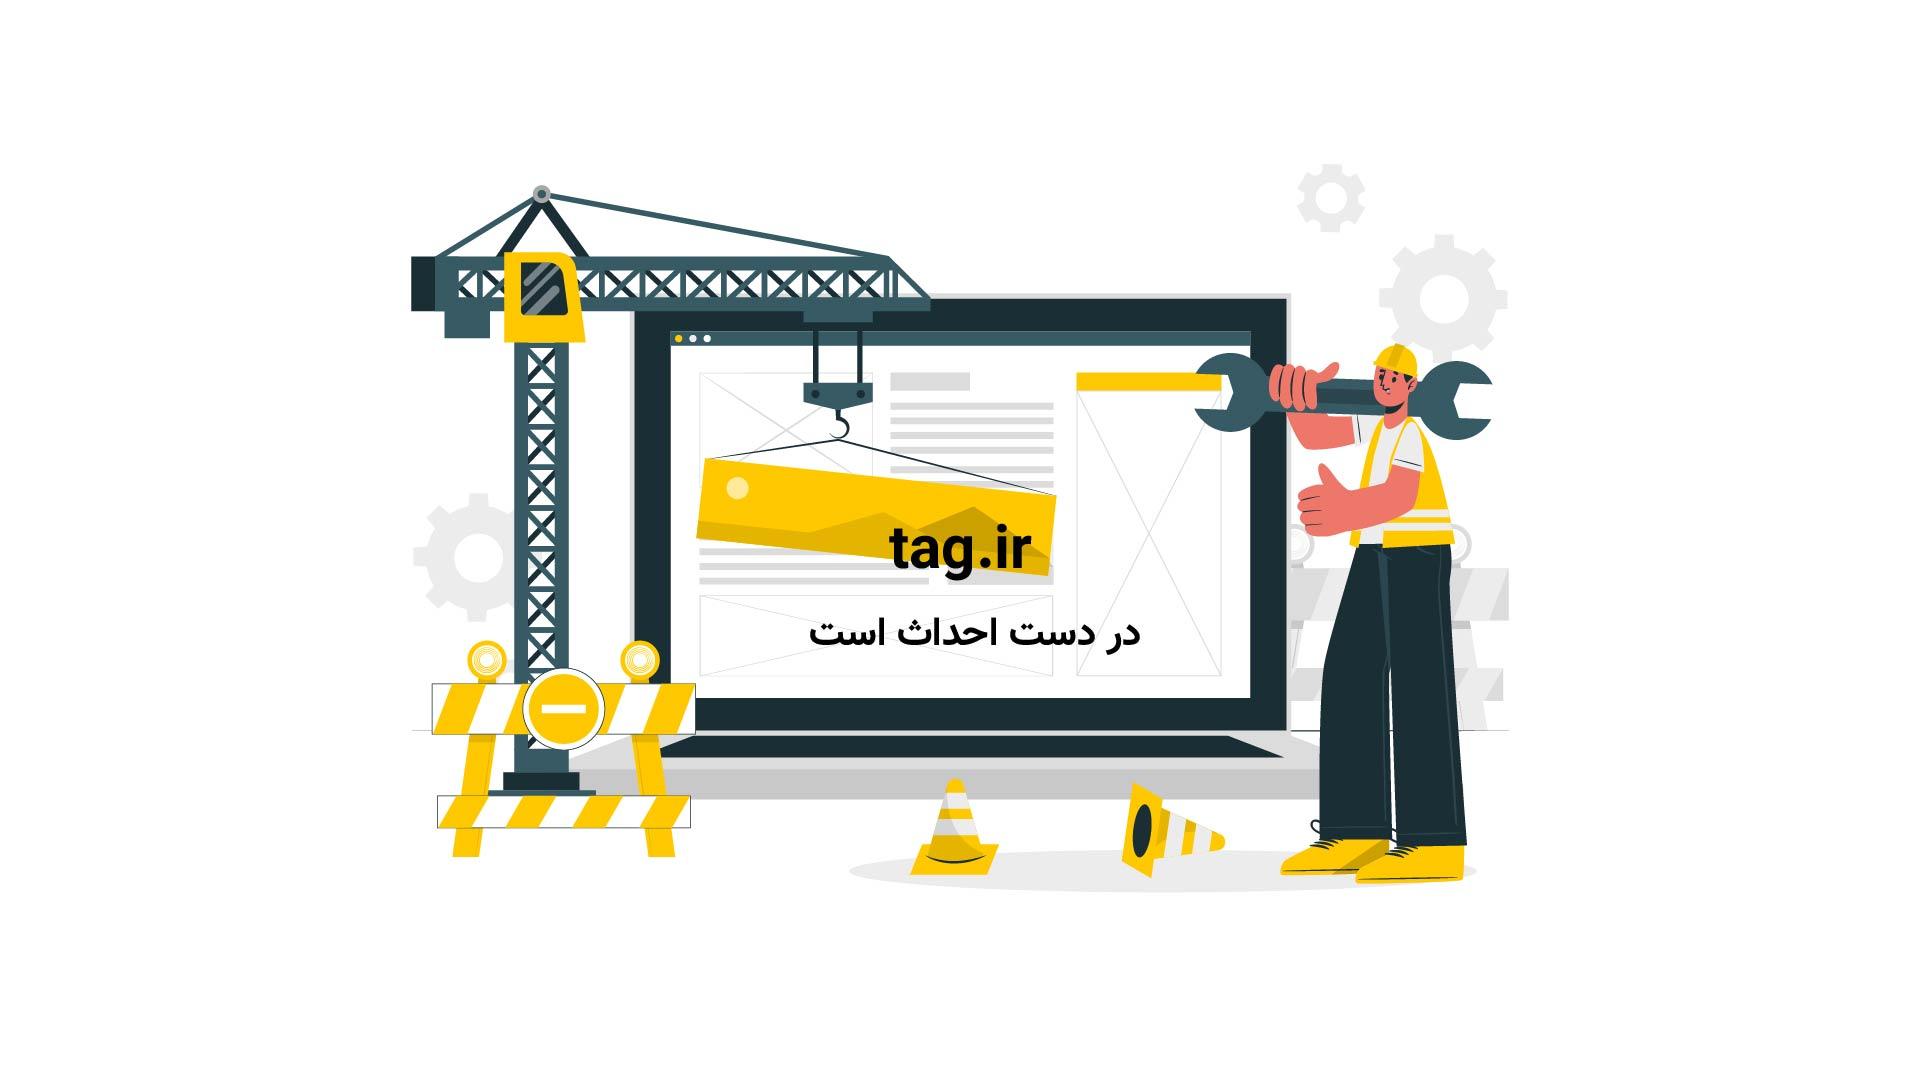 آموزش فضانوردی استخر